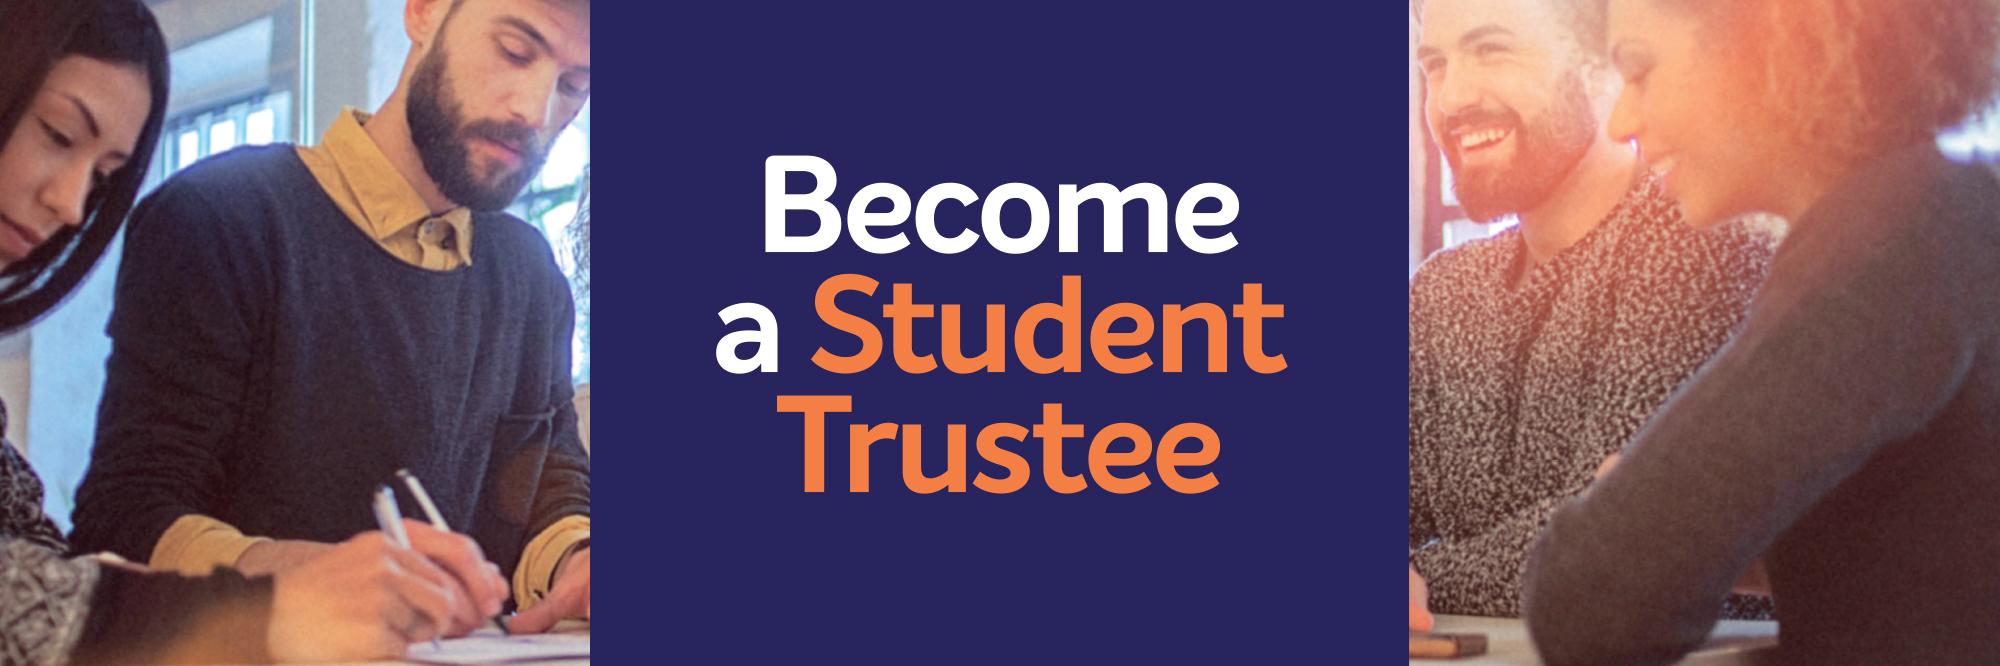 Student trustee banner